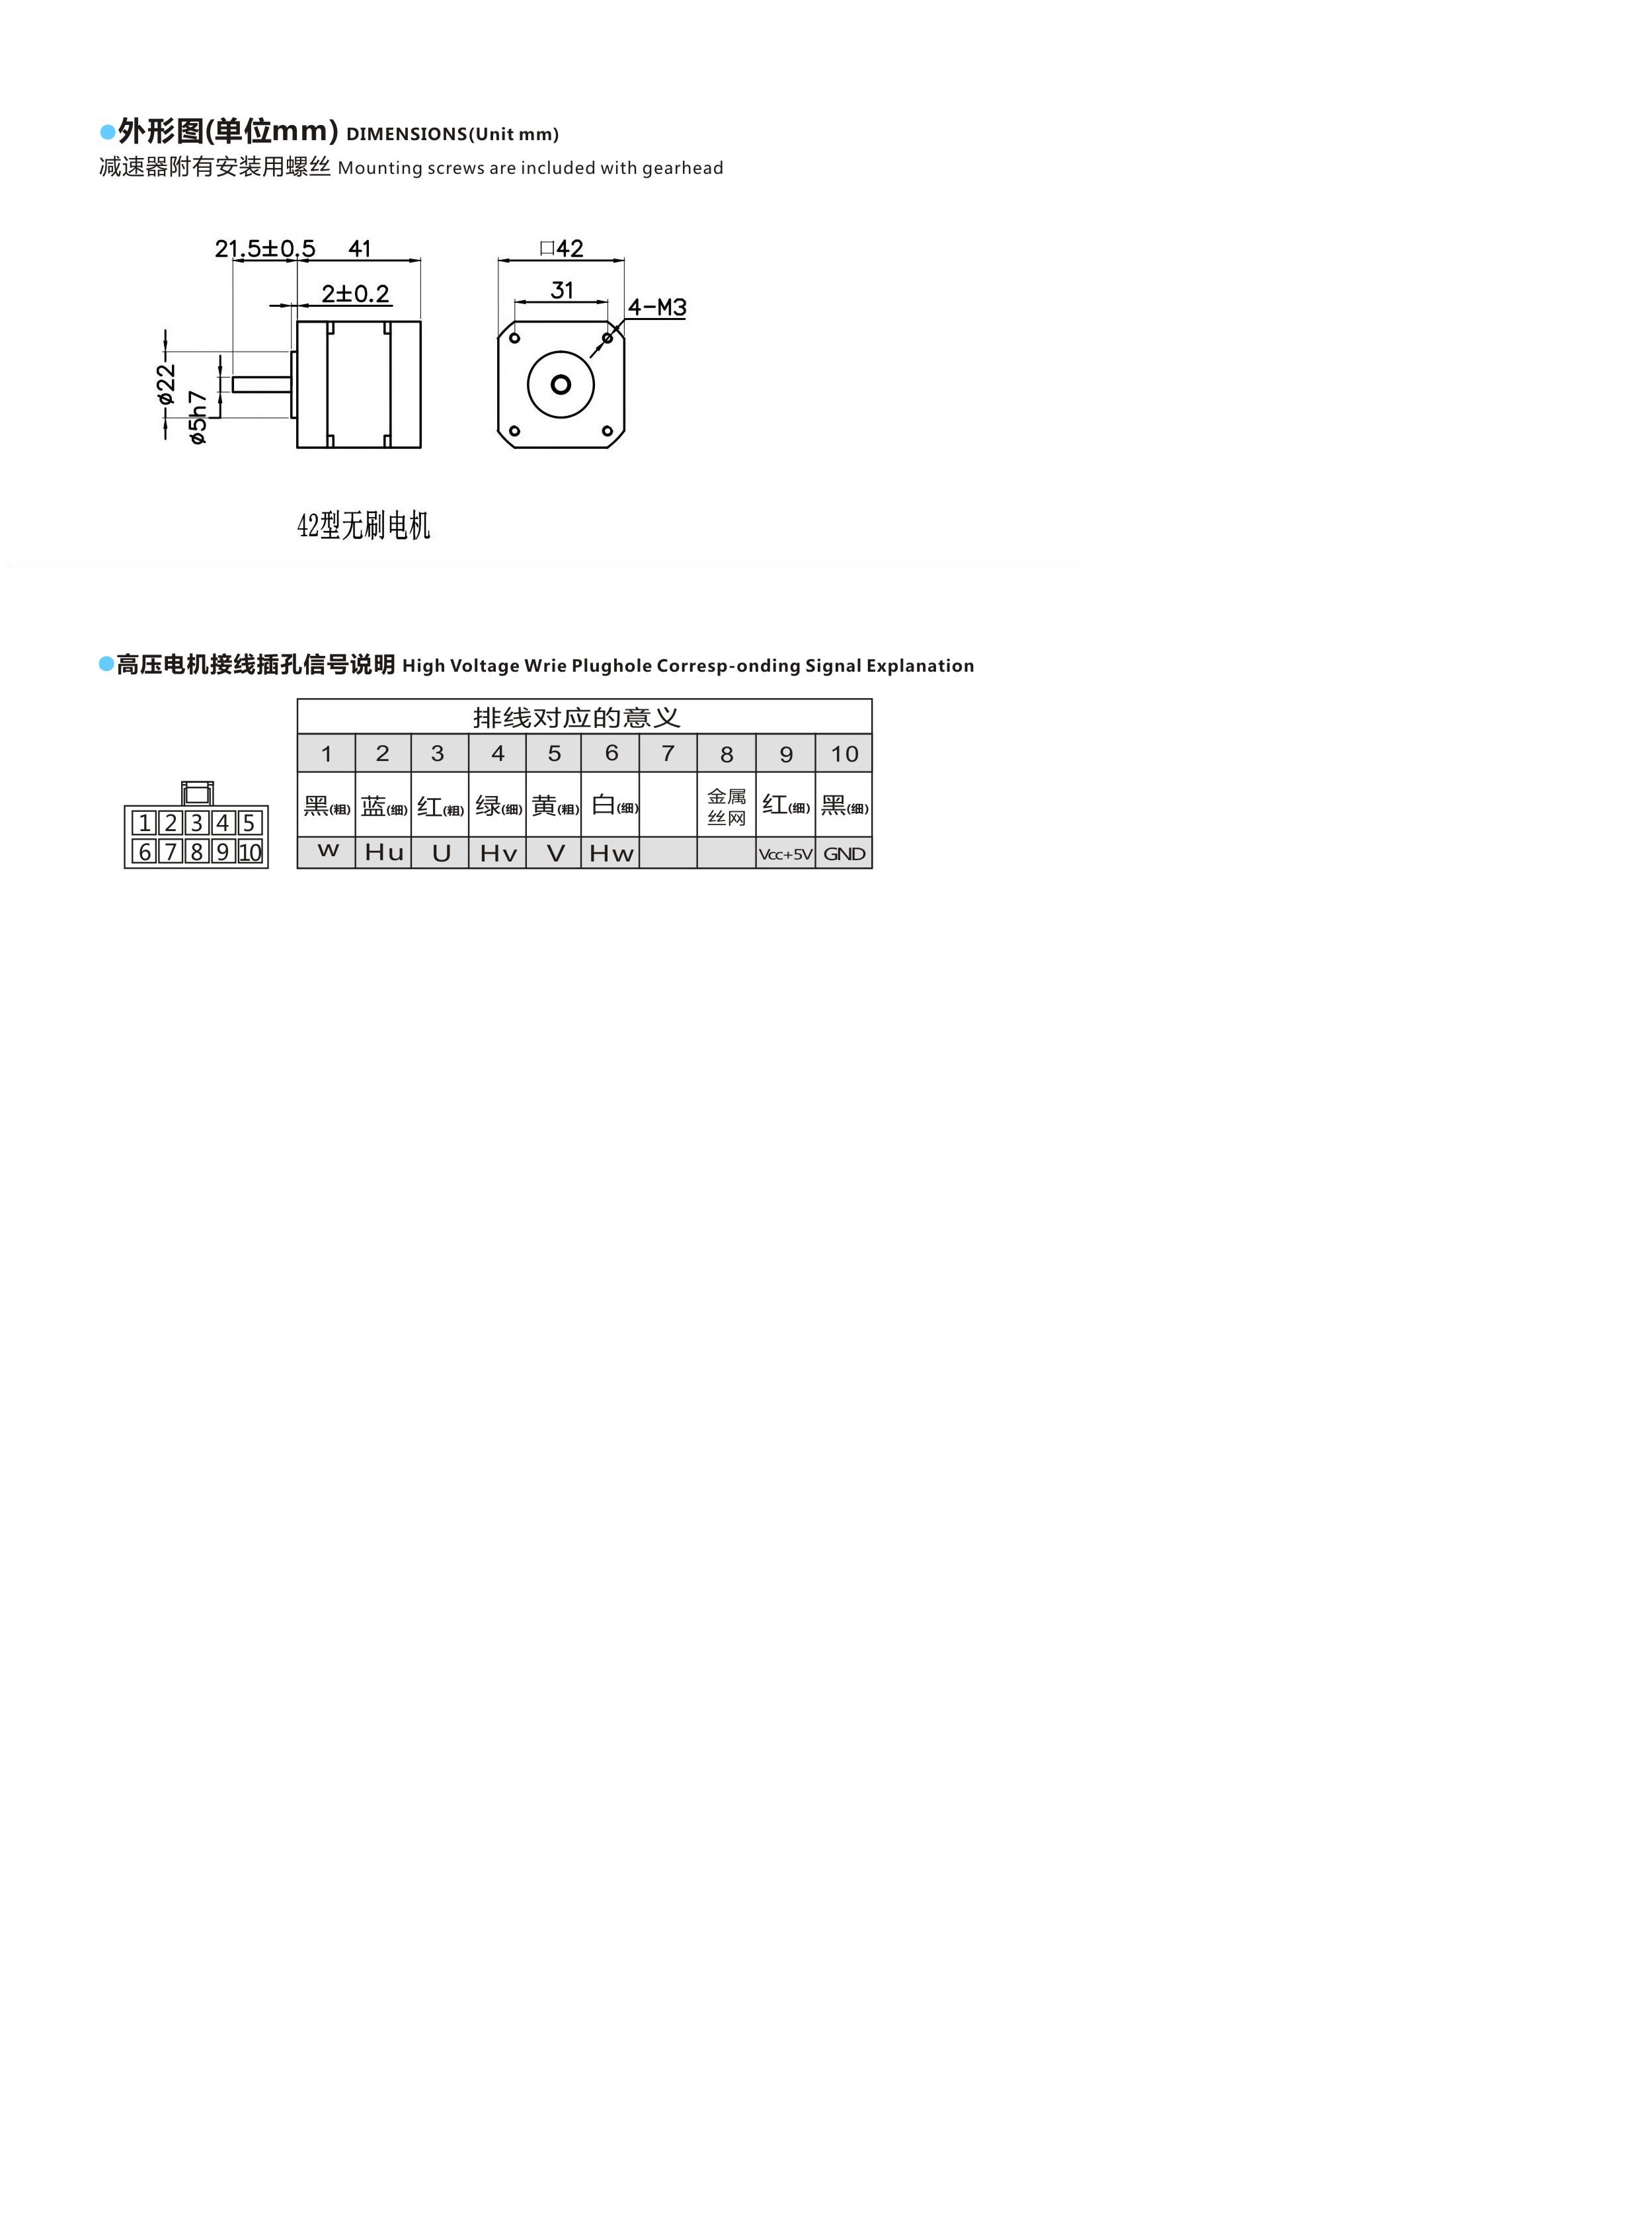 42光轴电机20W  第二页.jpg